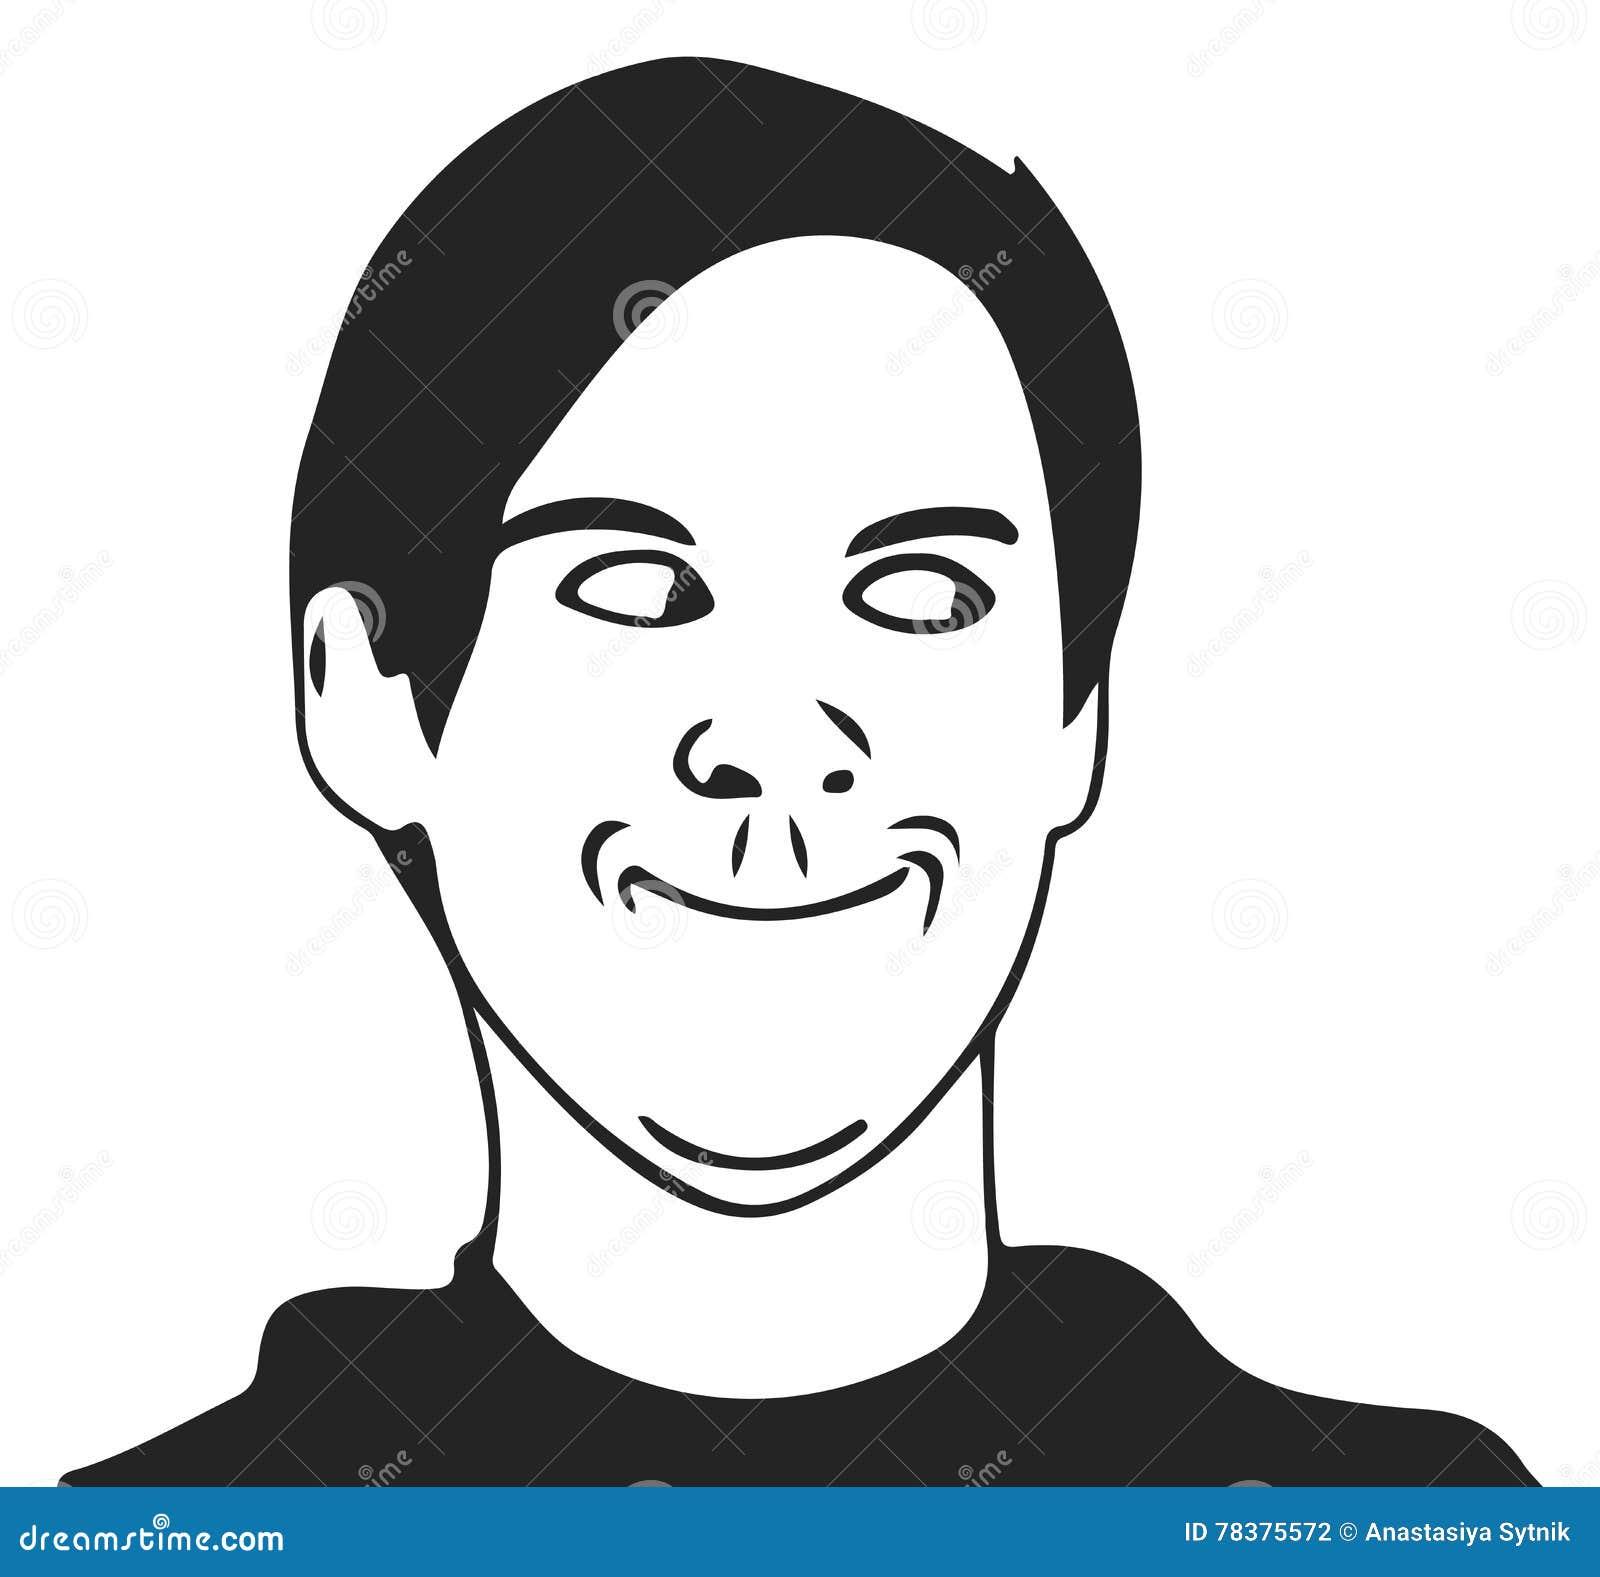 Vector troll guy meme face for any design. eps 10.